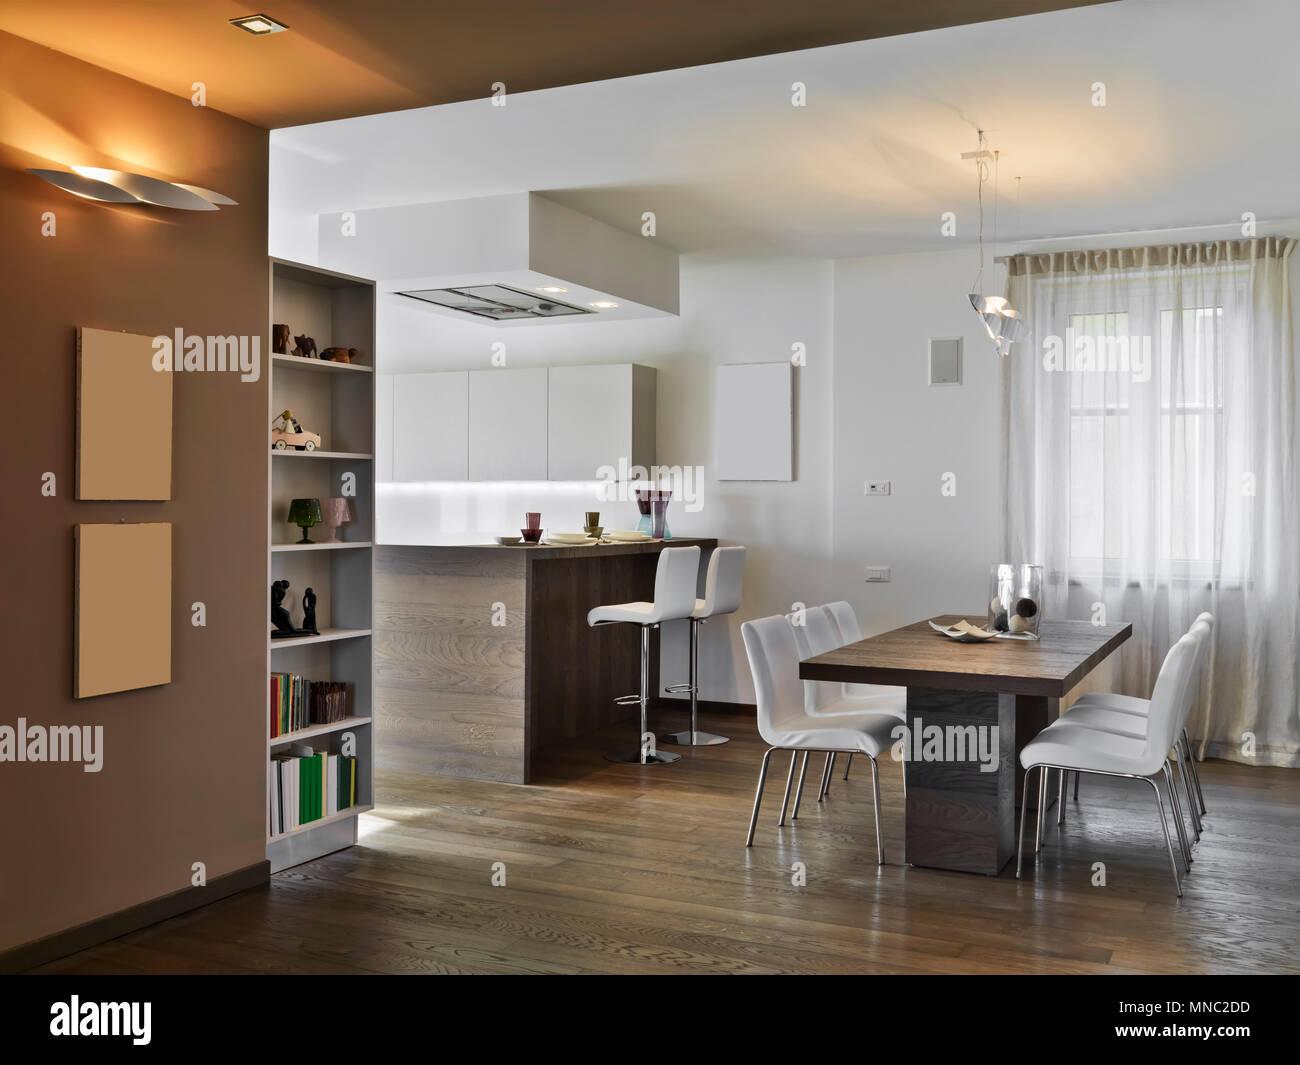 Interiors plans d'un appartement moderne au premier plan la table à manger en bois et ses chaises en tissu sur l'arrière-plan Photo Stock